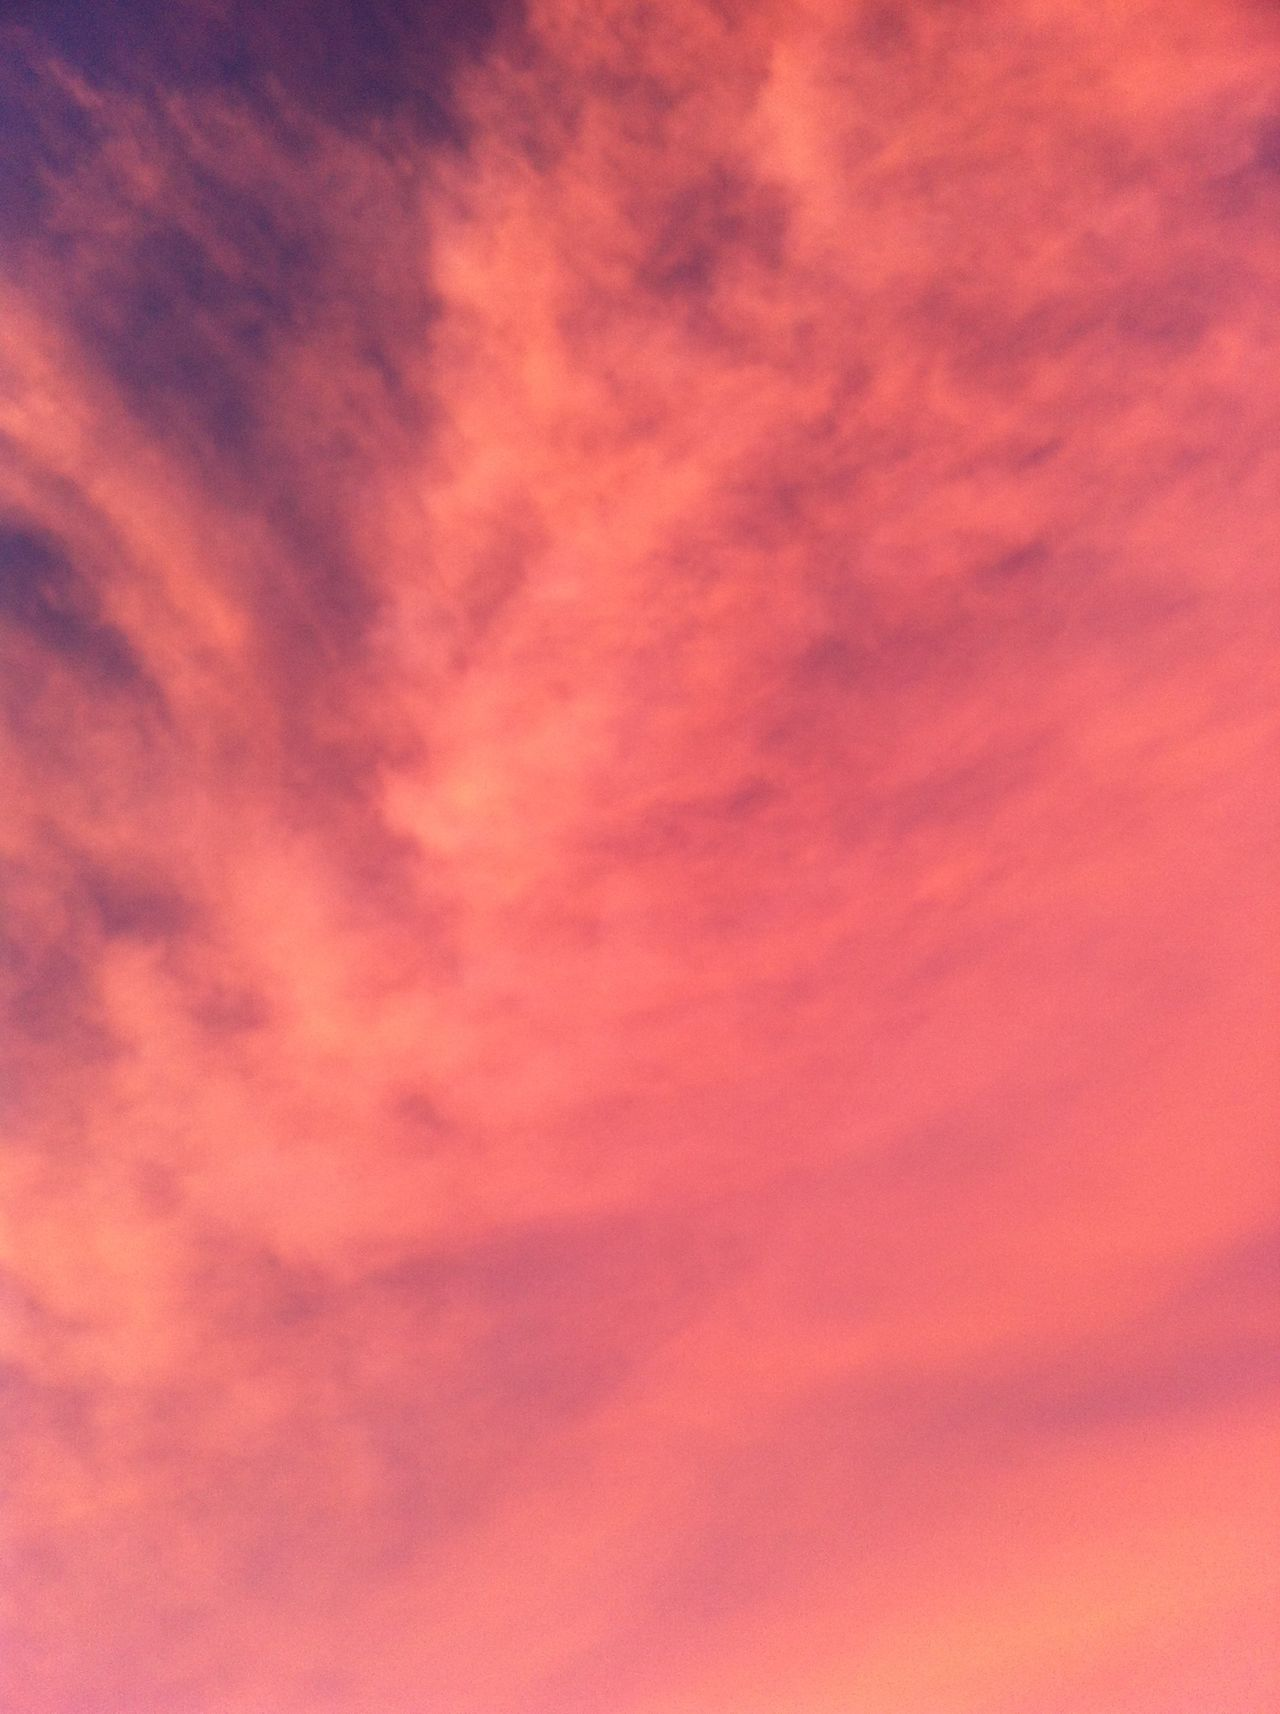 Sunset Cloud Sky Blue & Orange